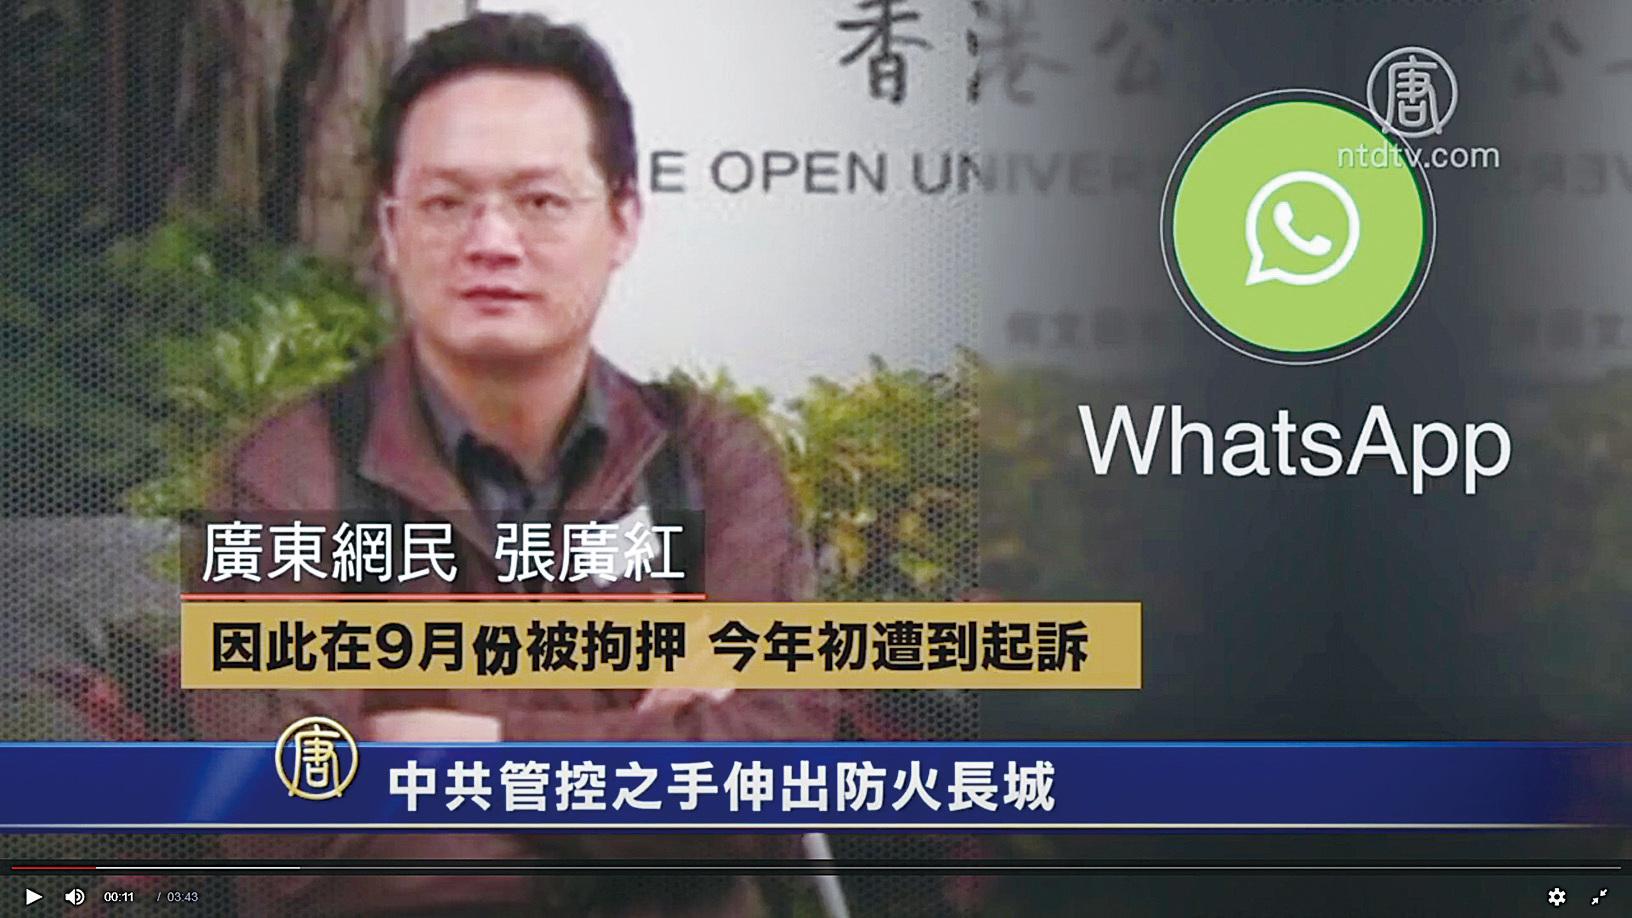 張廣紅一案是中國當局利用國外聊天應用中的談話作為證據的已知的最早案例之一。圖為新唐人影片報道截圖。(網絡截圖)